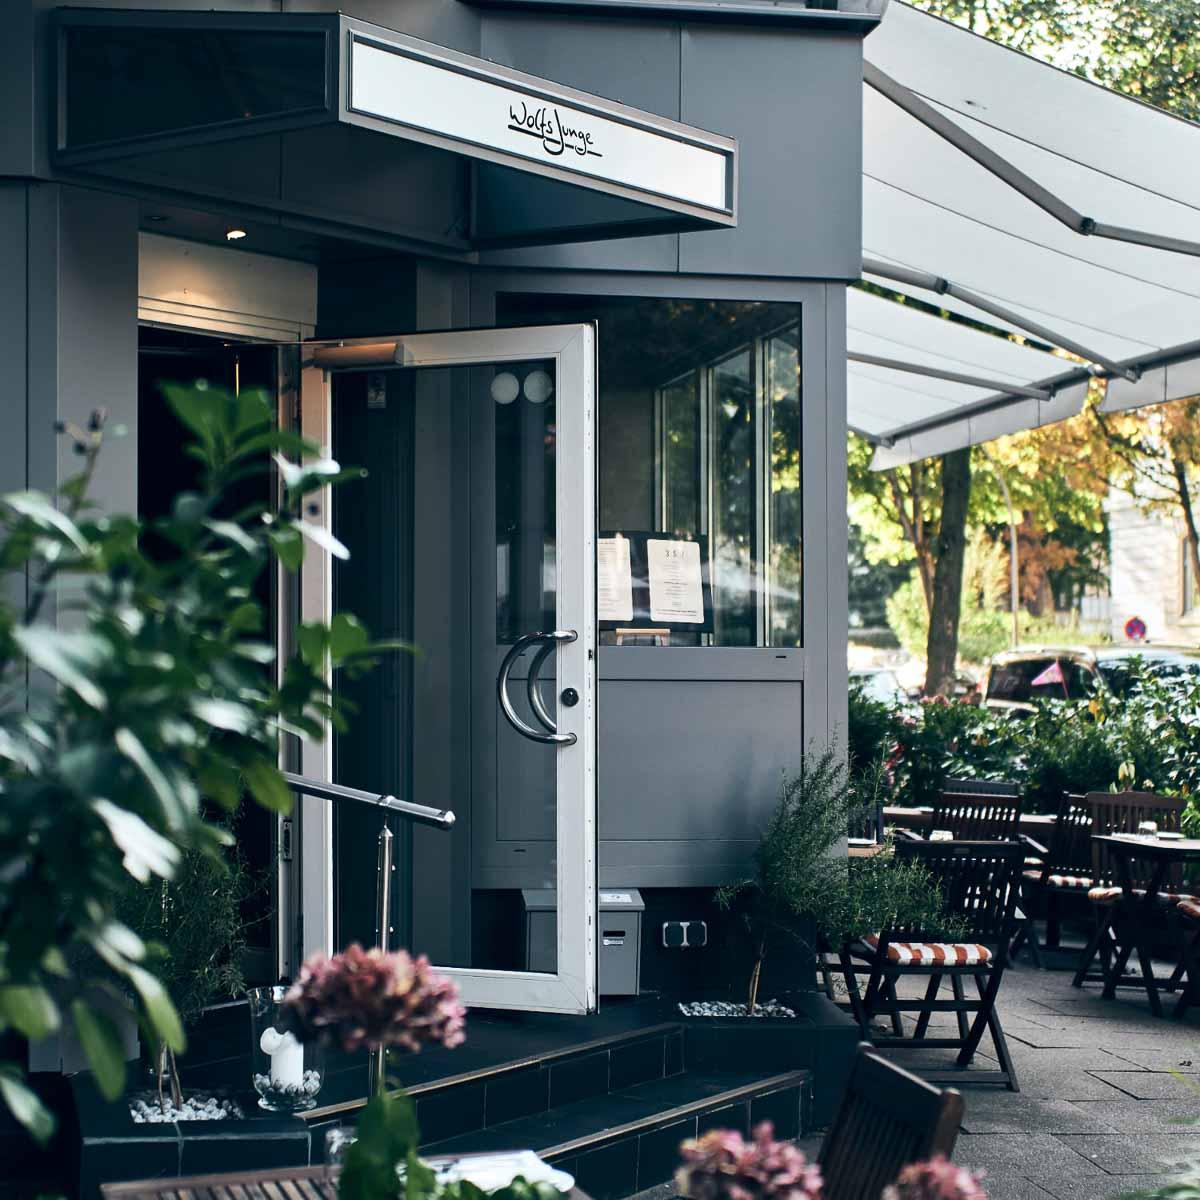 Restaurant Wolfs Junge Hamburg-Barmbek-5